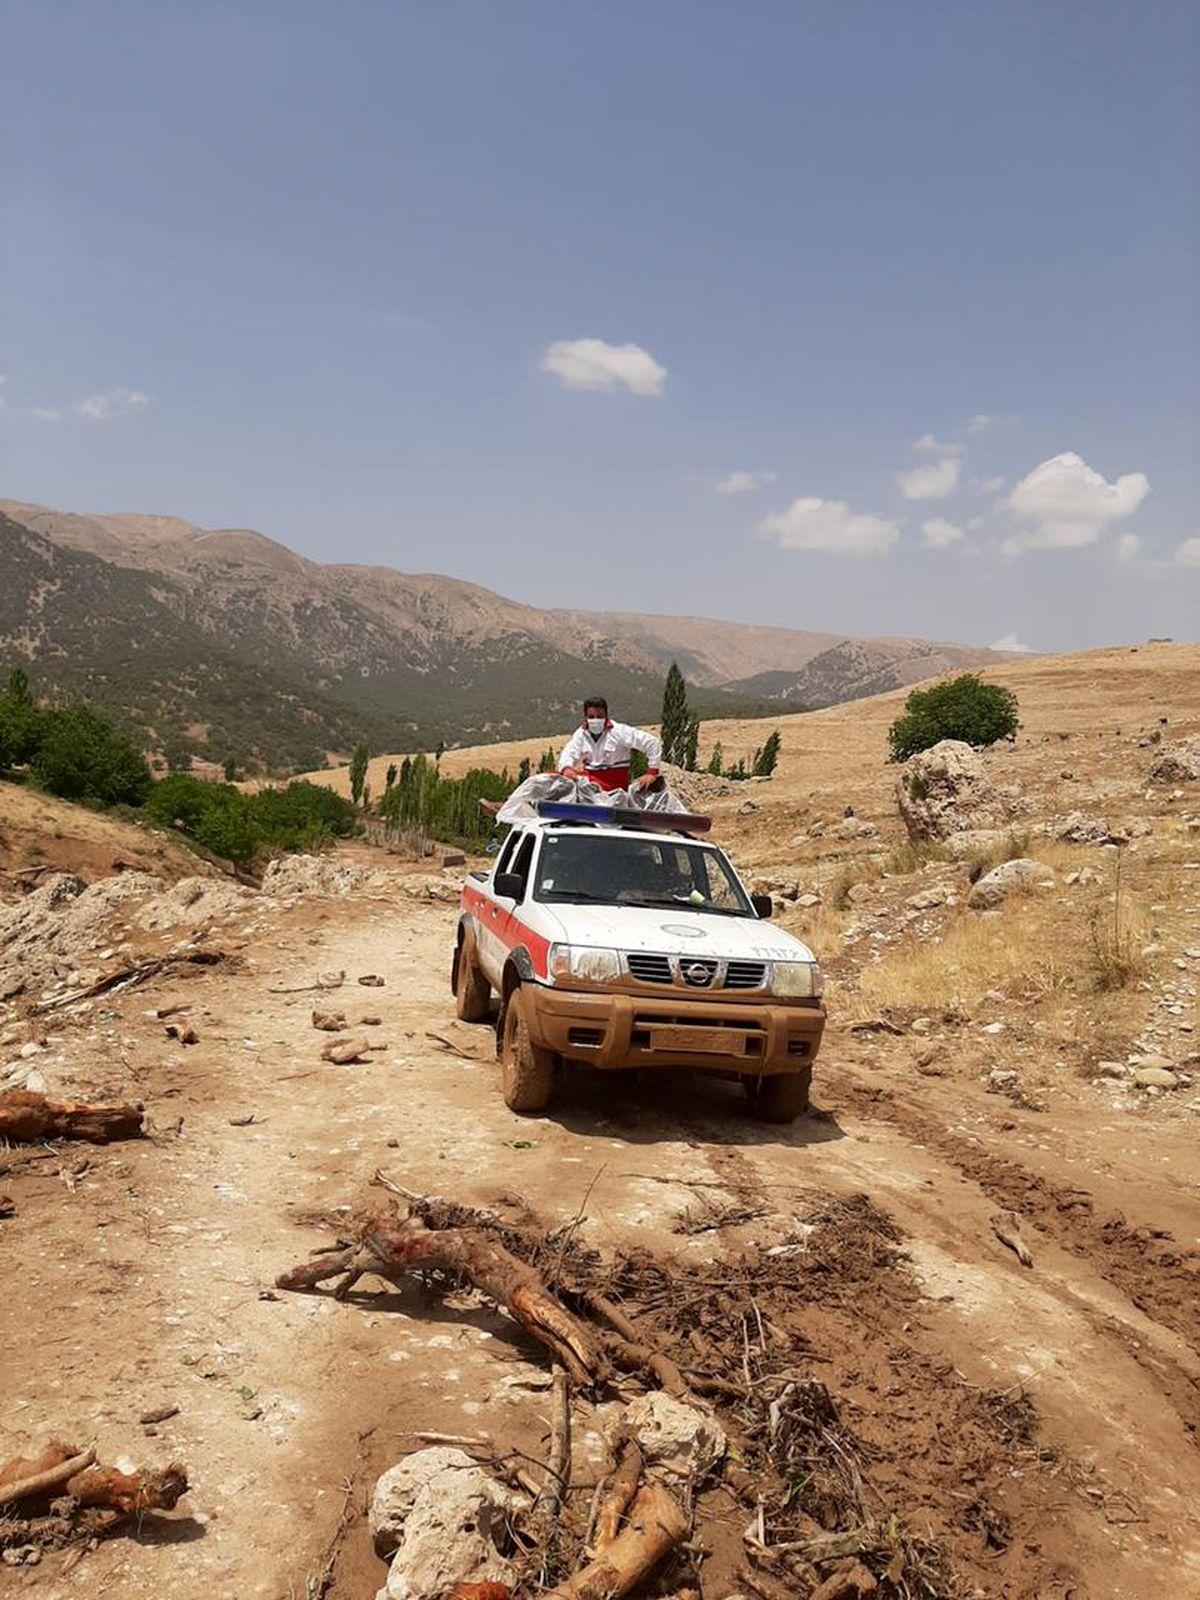 دو نفر در سیل کرمان هنوز مفقودند/ 658 امدادگر در سیل اخیر خدمت رسانی کردند